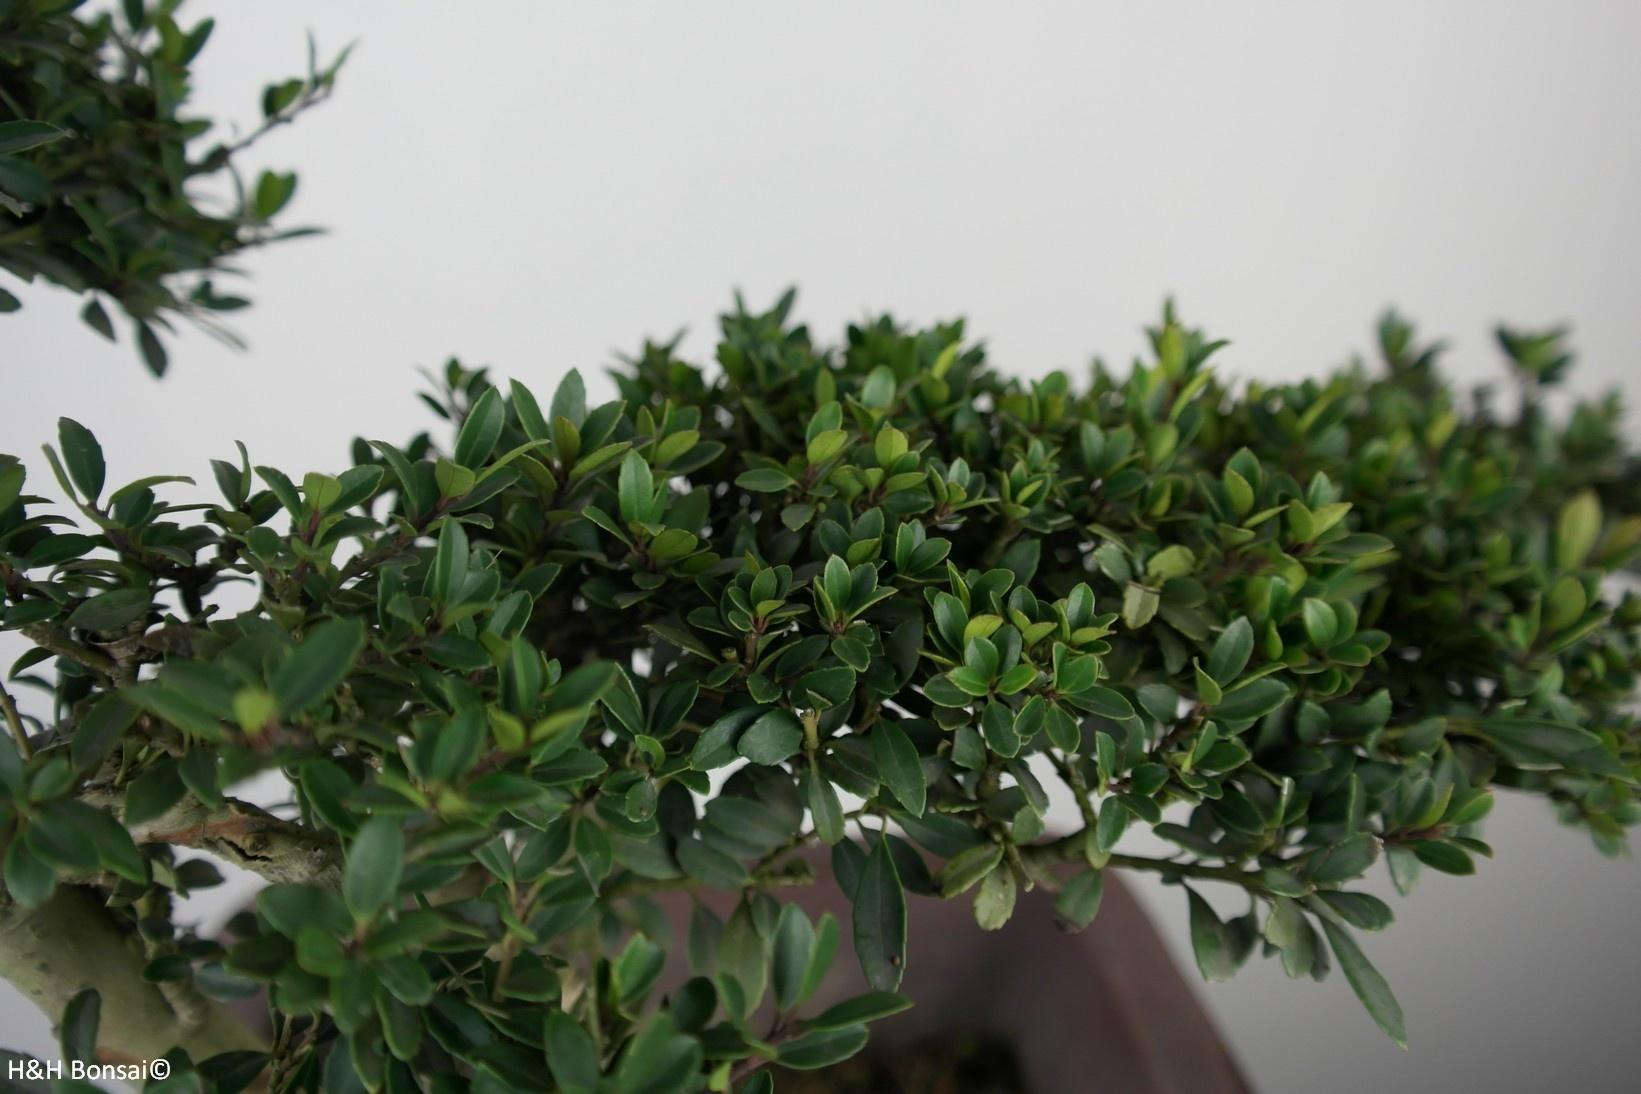 Bonsai Houx japonais, Ilexcrenata, no. 7746